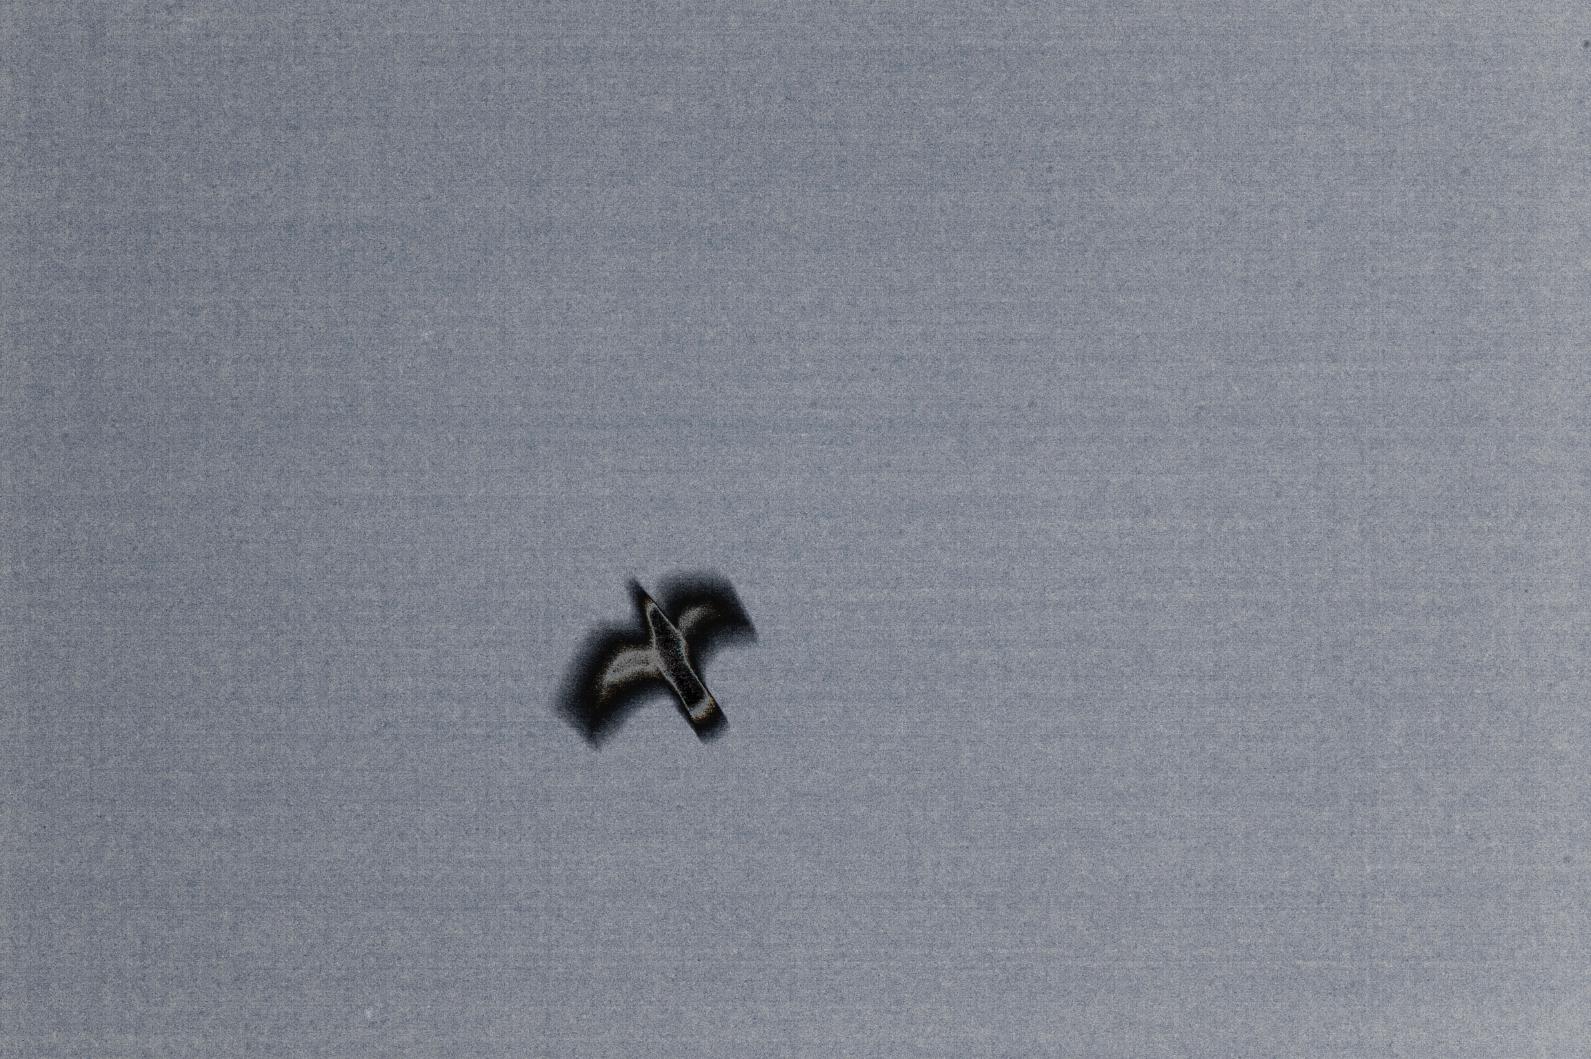 Screen Shot 2018-08-09 at 5.07.16 PM.png